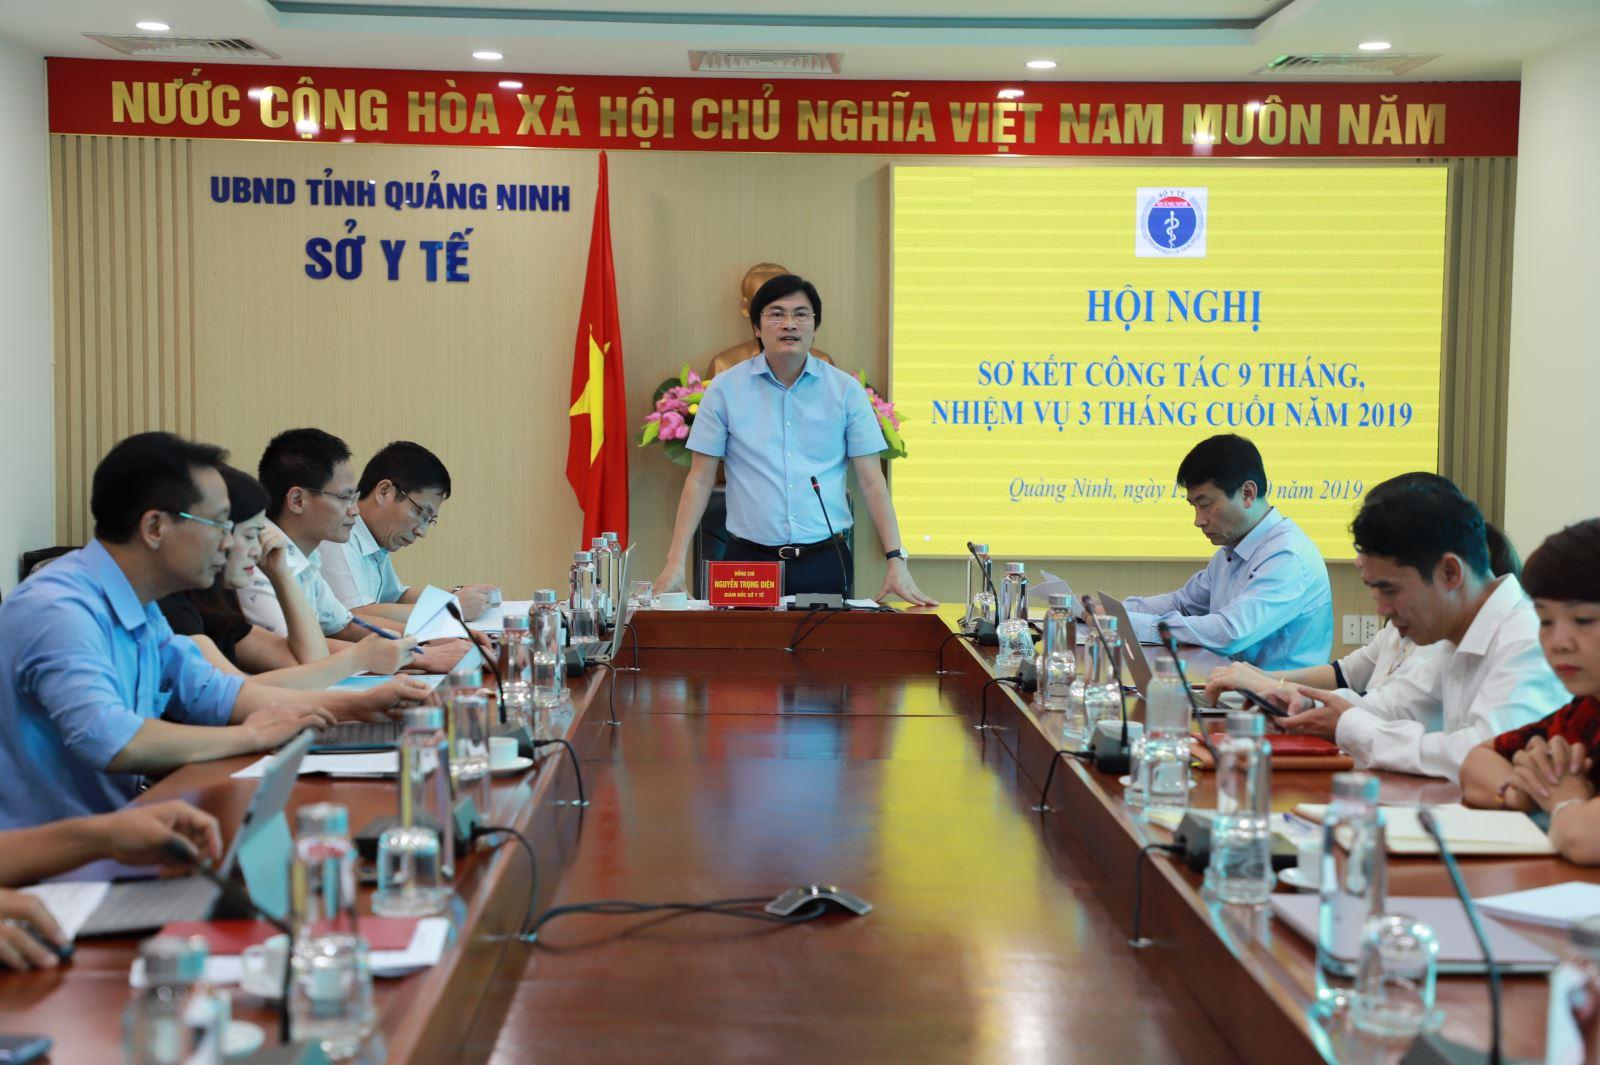 Ngành Y tế Quảng Ninh triển khai nhiệm vụ 3 tháng cuối năm 2019